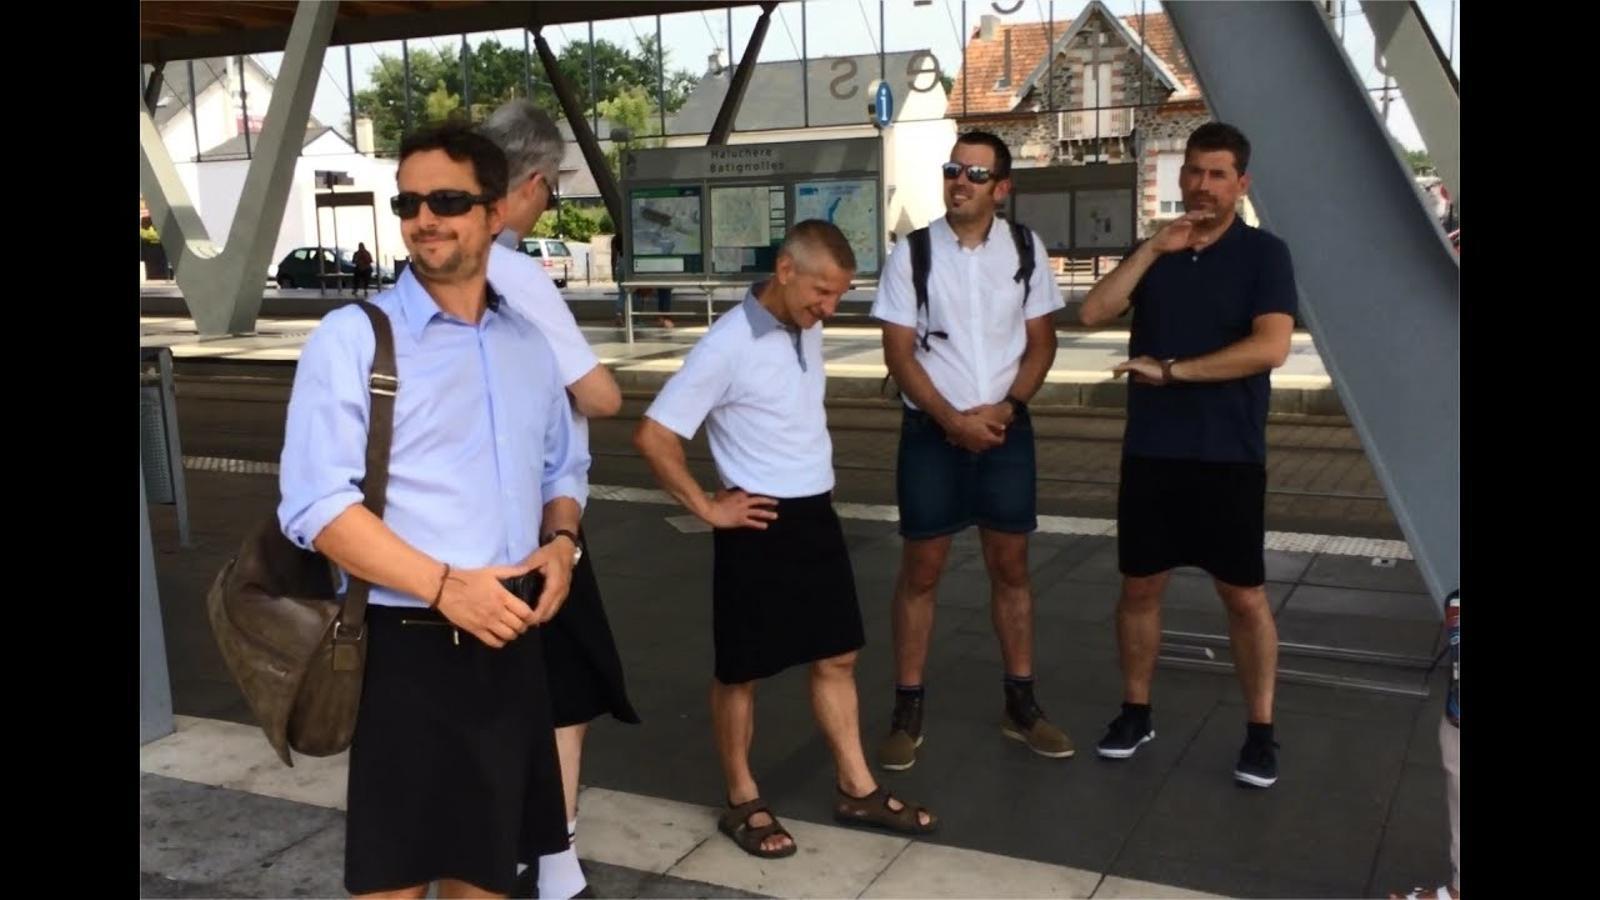 Un grup de treballadors d'una companyia d'autobusos de Nantes protesta vestint-se amb faldilles